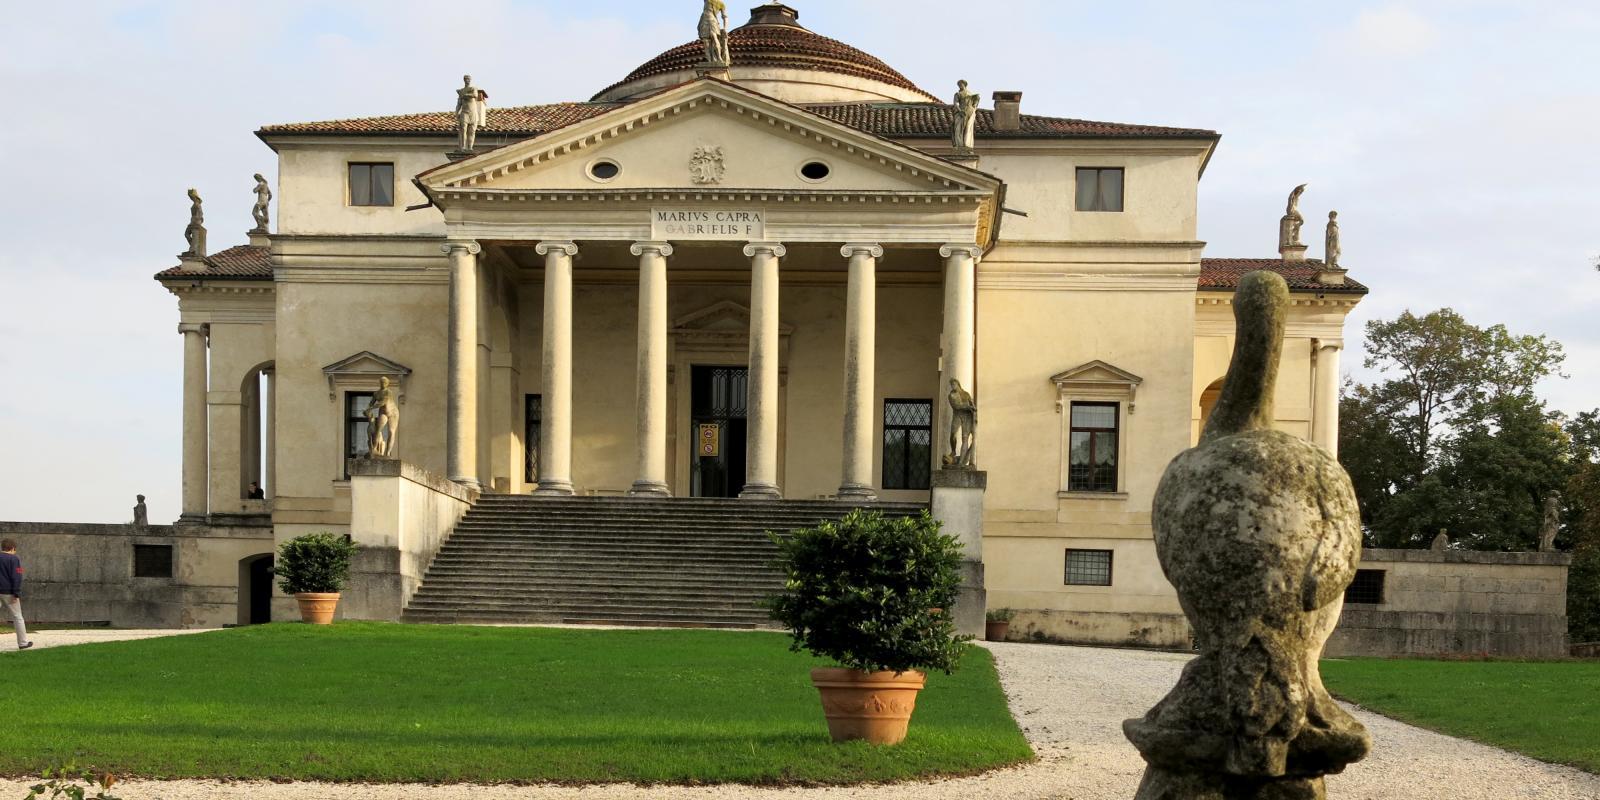 Palladio's Villa Rotunda, Vicenza, Italy